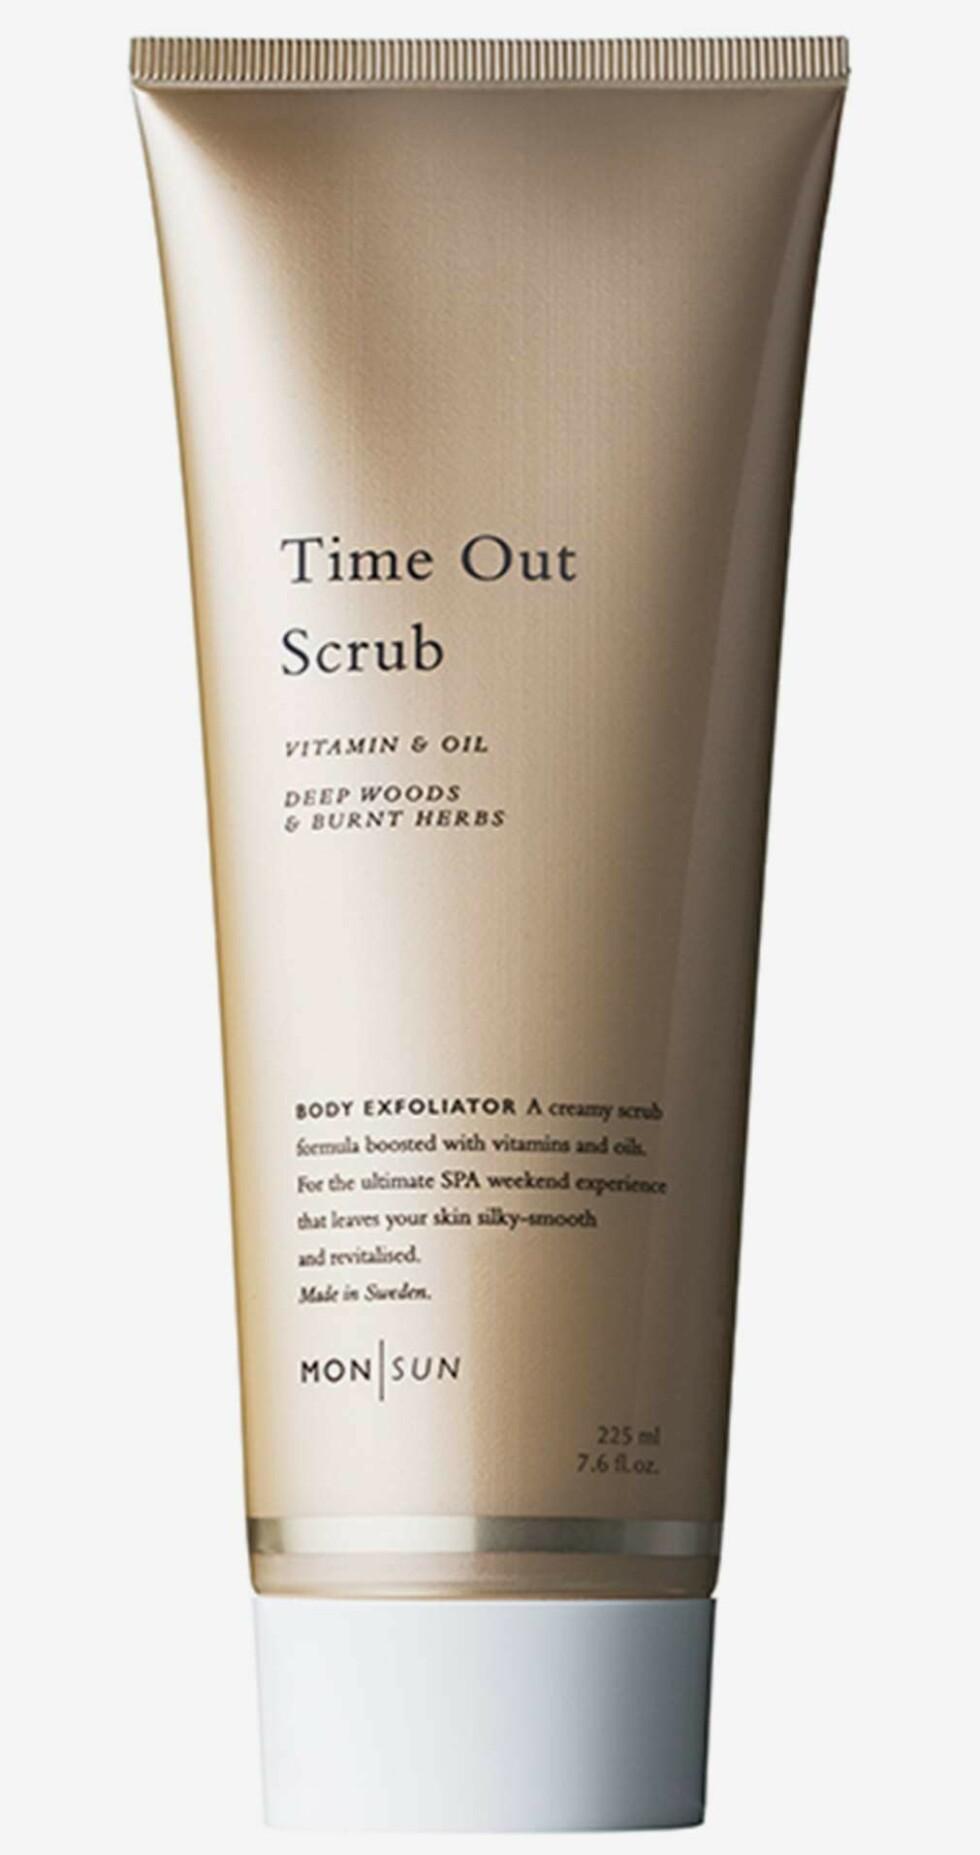 Skrubb fra Mon Sun |149,-| https://www.kicks.no/mon-sun/hudpleie/kroppspleie/skrubb-peeling/time-out-scrub-vitamin--oil-body-exfoliator-225ml-225-ml